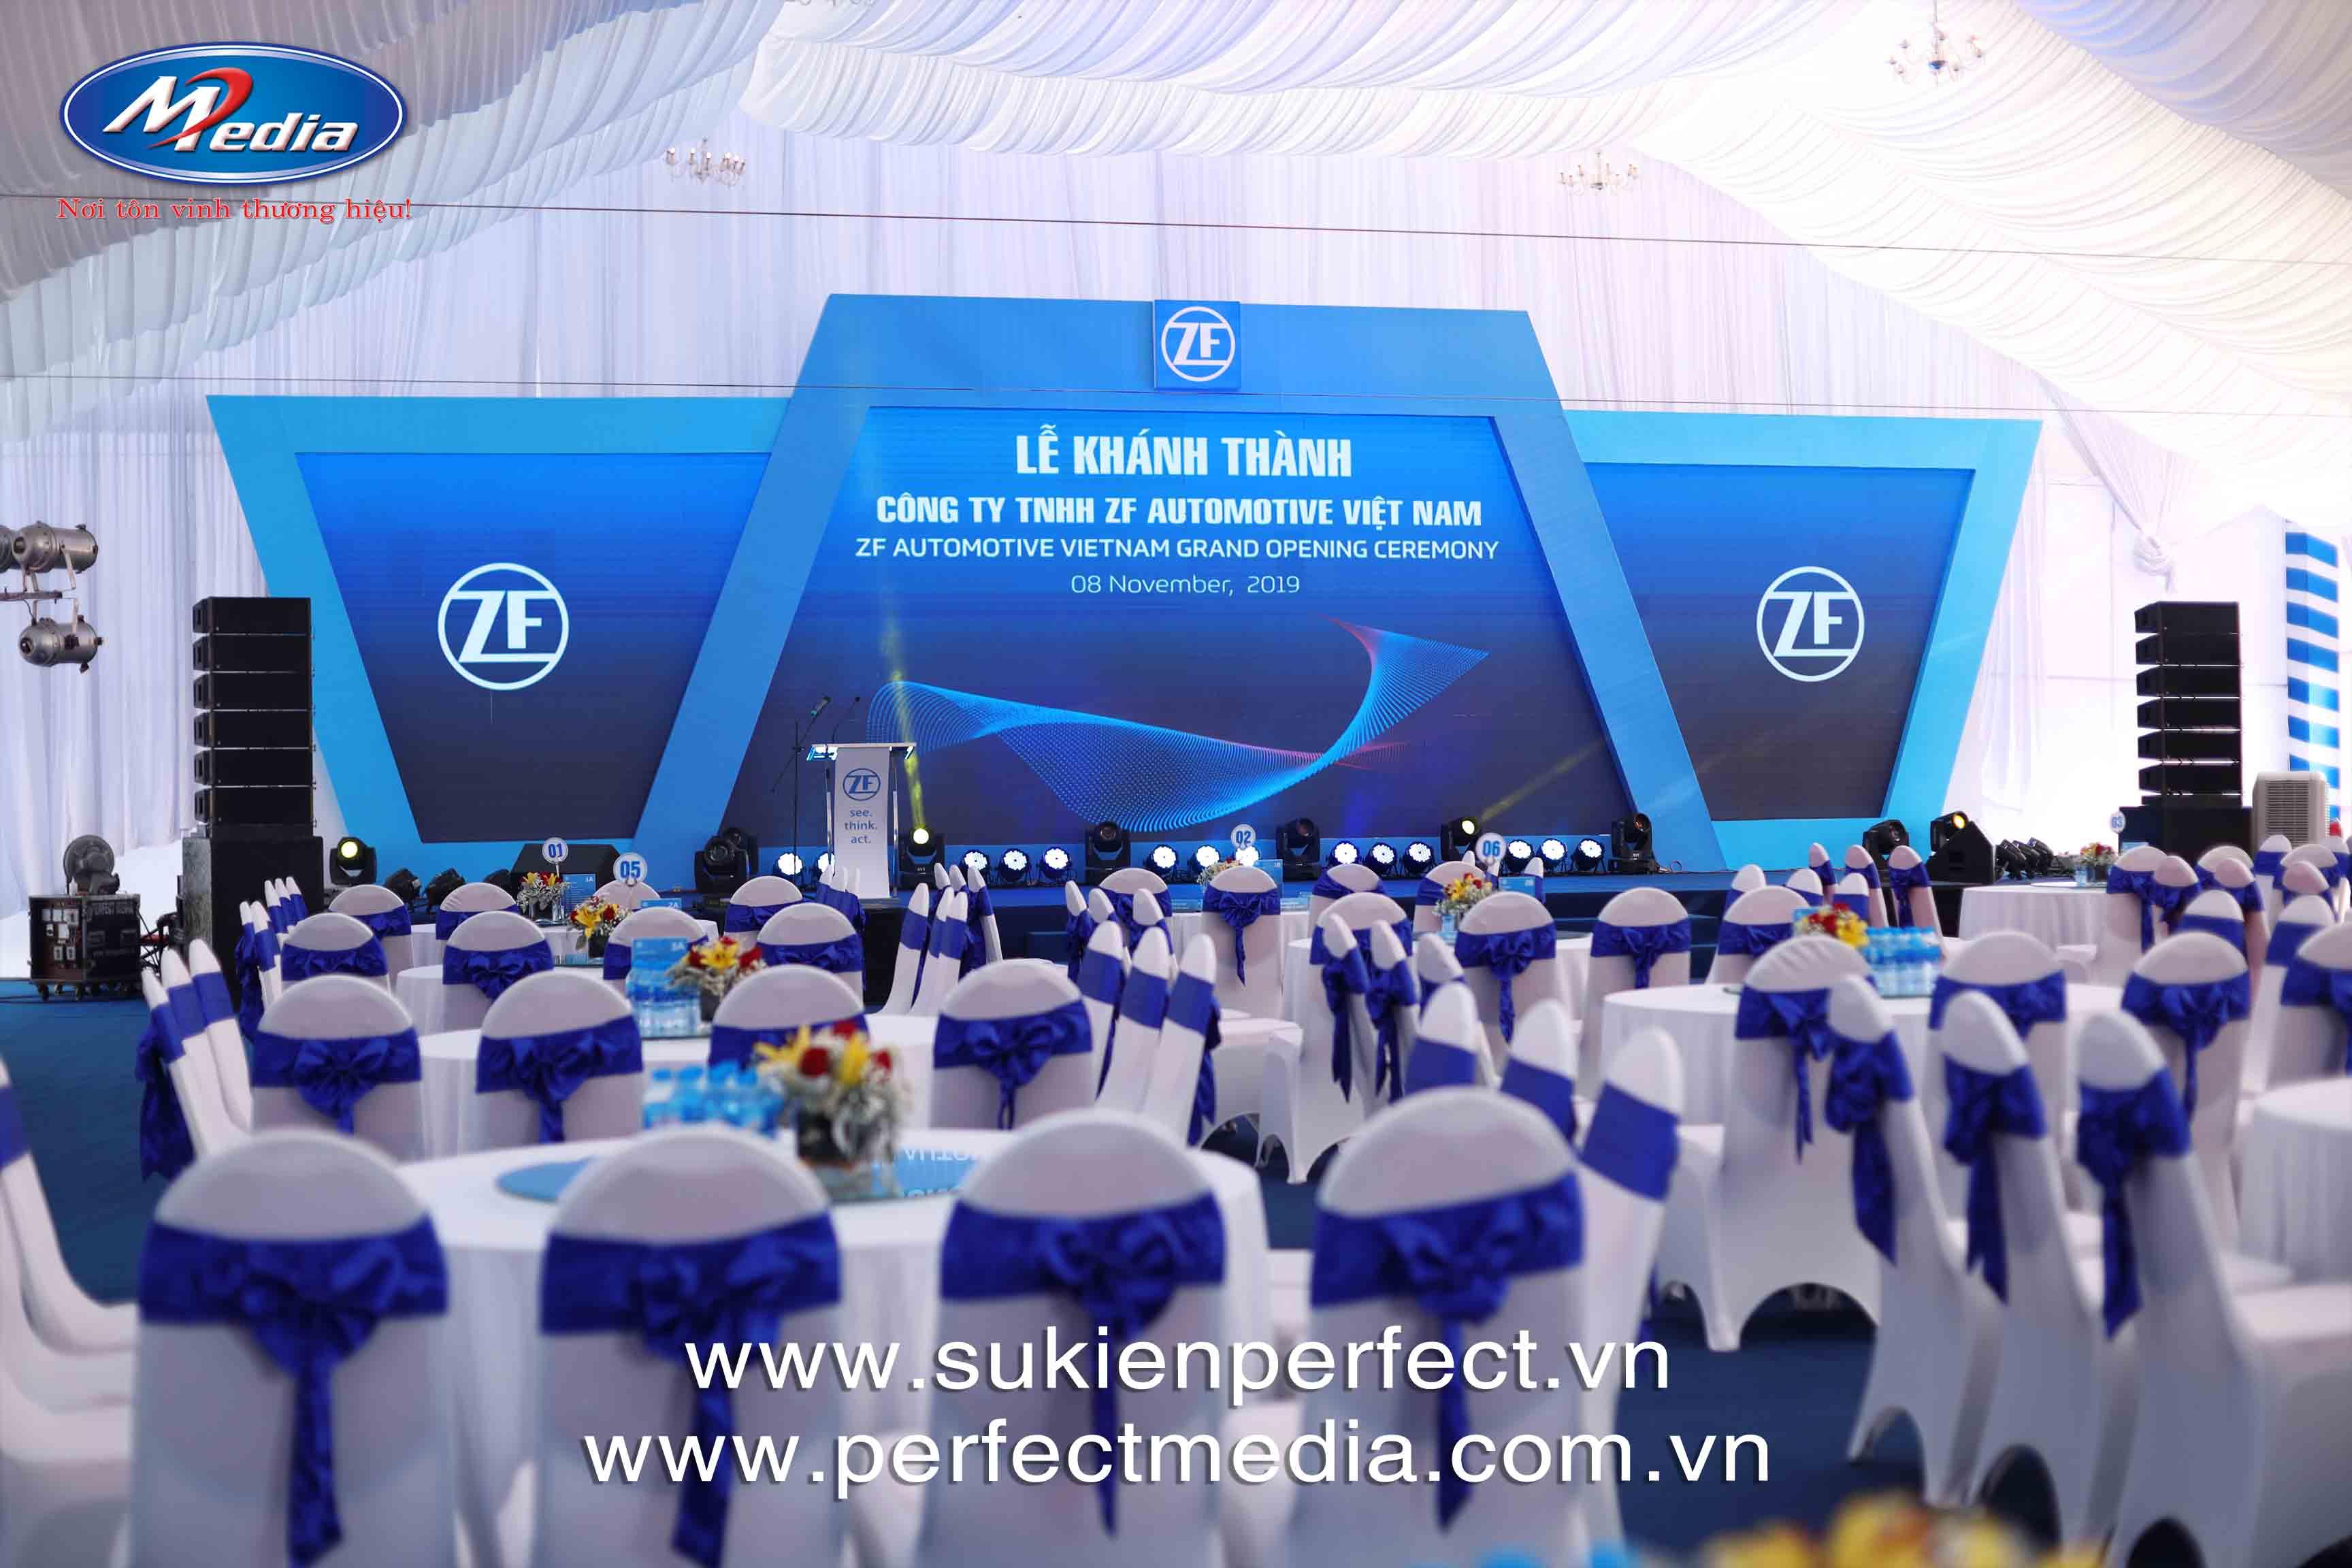 công ty Perfect Media còn cung cấp nhiều trang thiết bị tổ chức Lễ khai trương, khánh thành chuyên nghiệp khác tại Hải Phòng